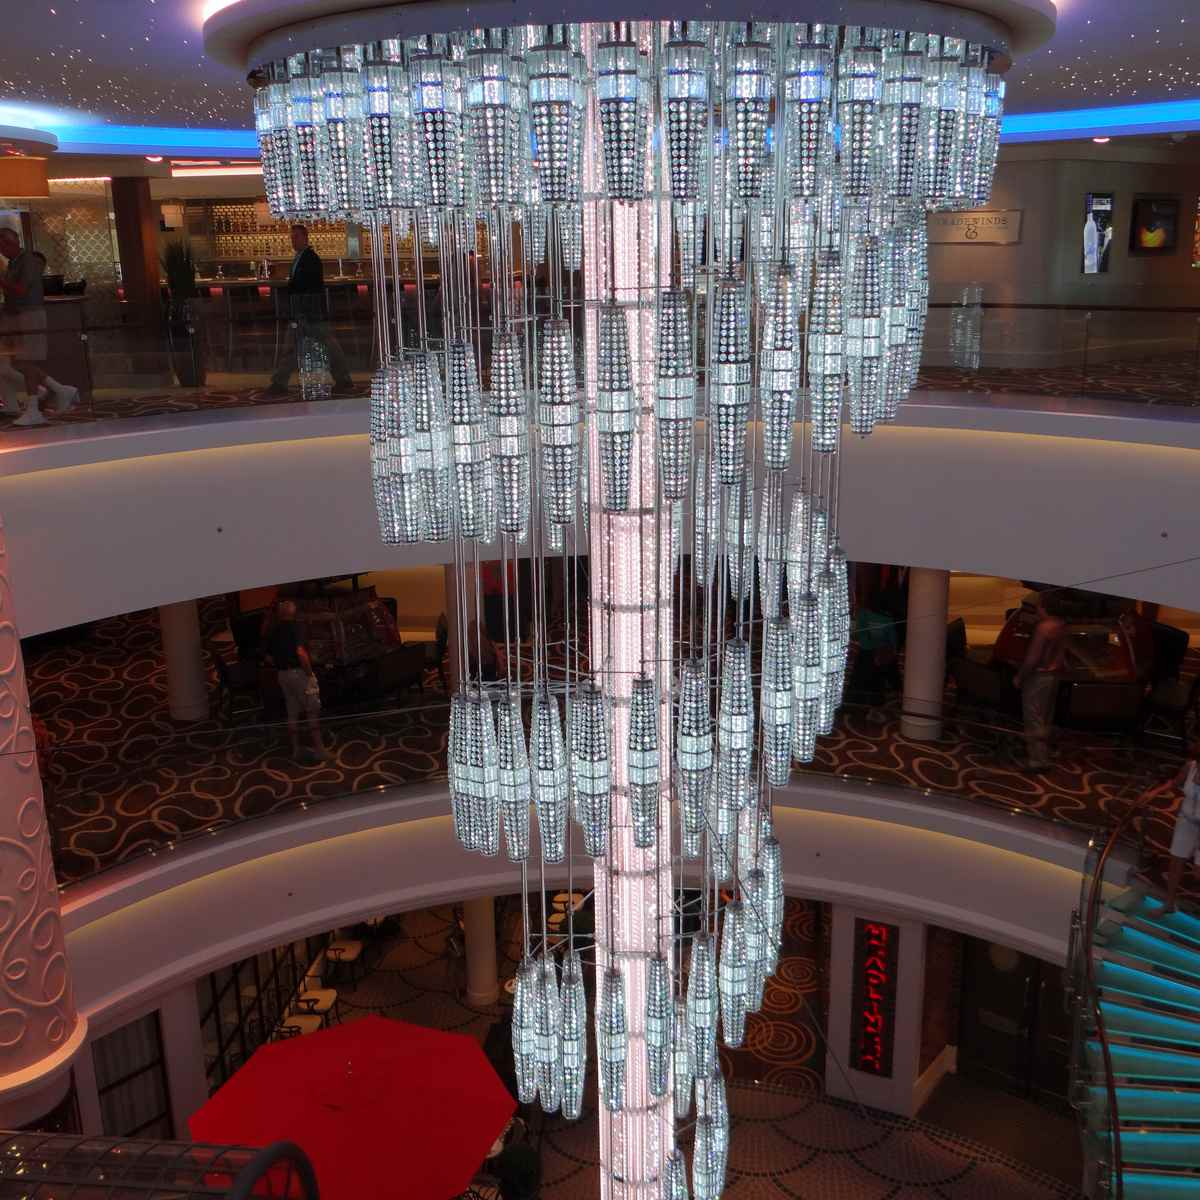 Norwegian Getaway chandelier at 678 Ocean Place